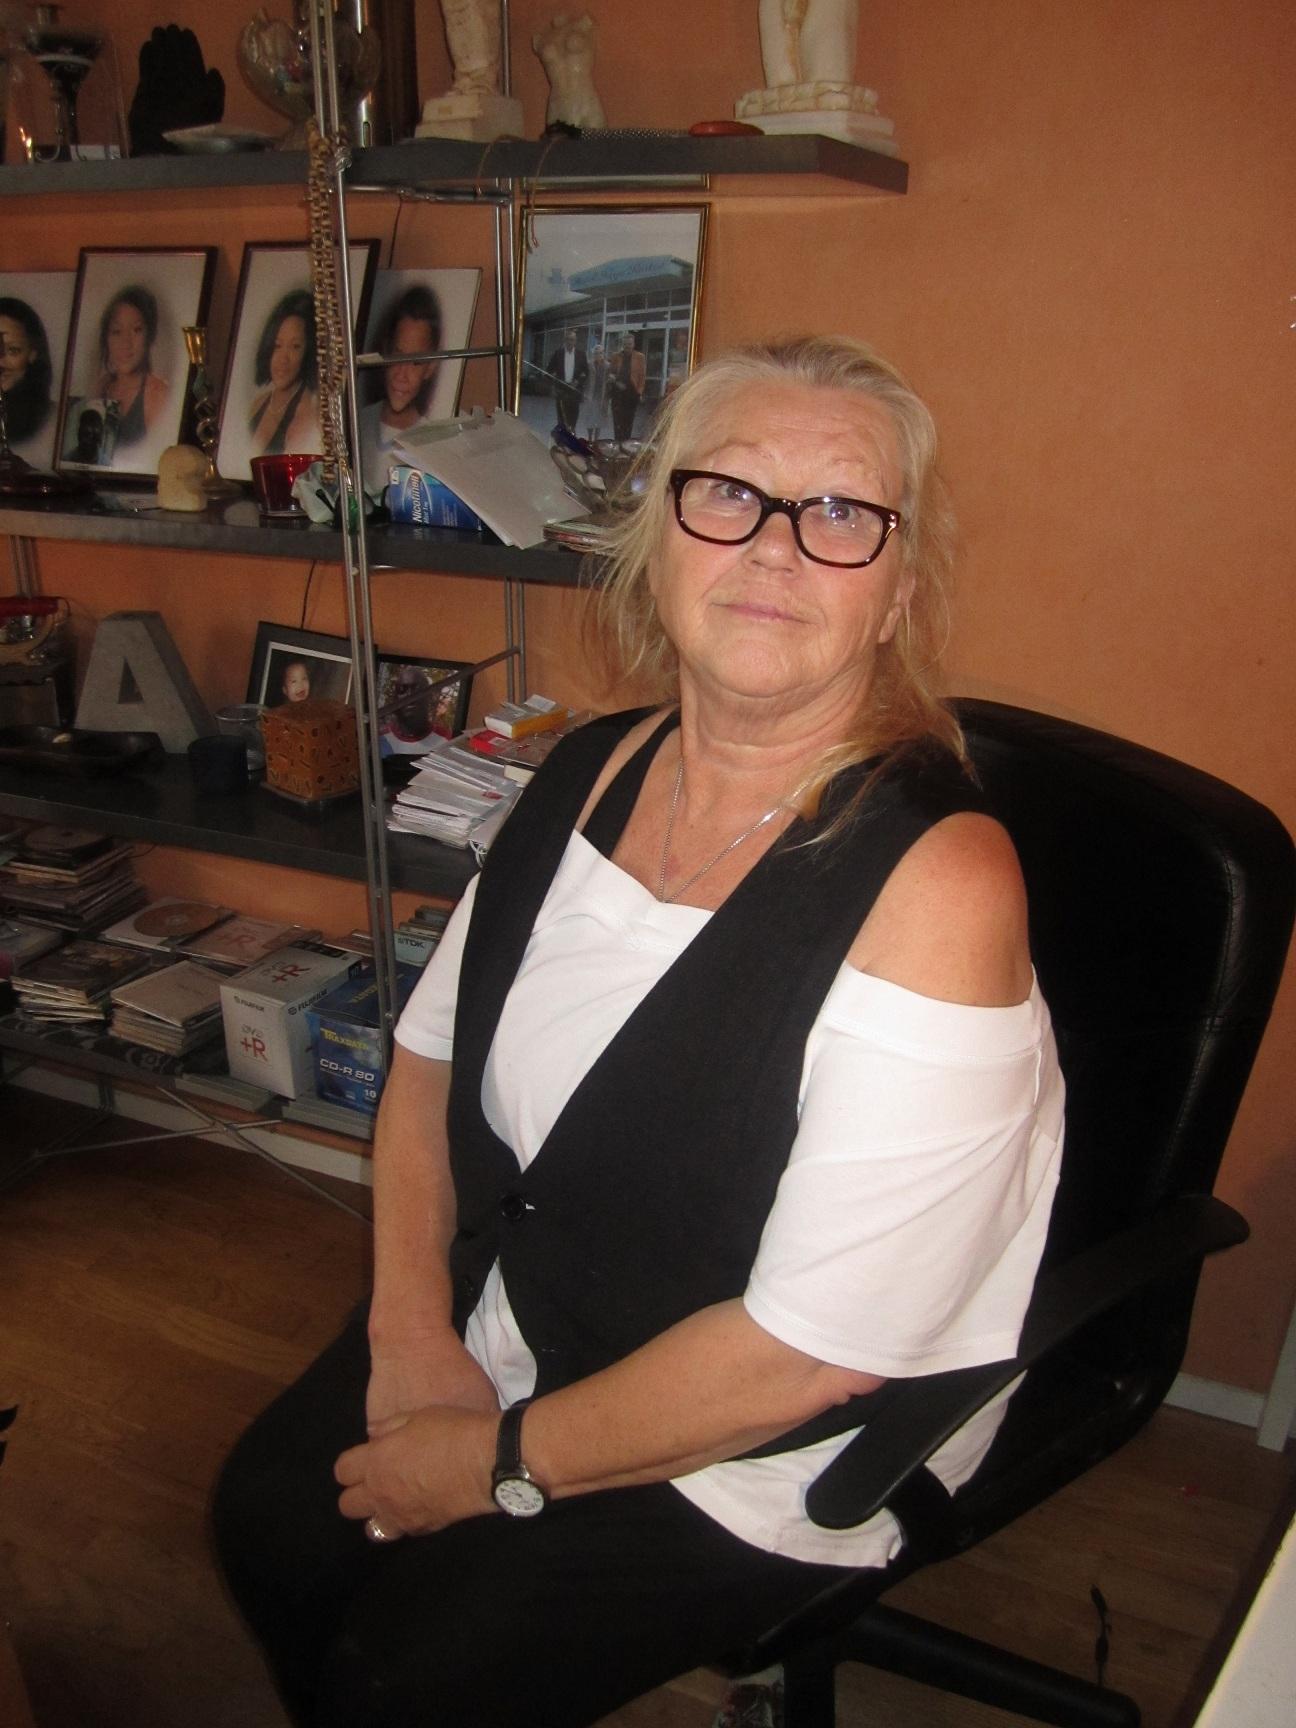 kvinna 60 år Om mig | Brittas.se kvinna 60 år